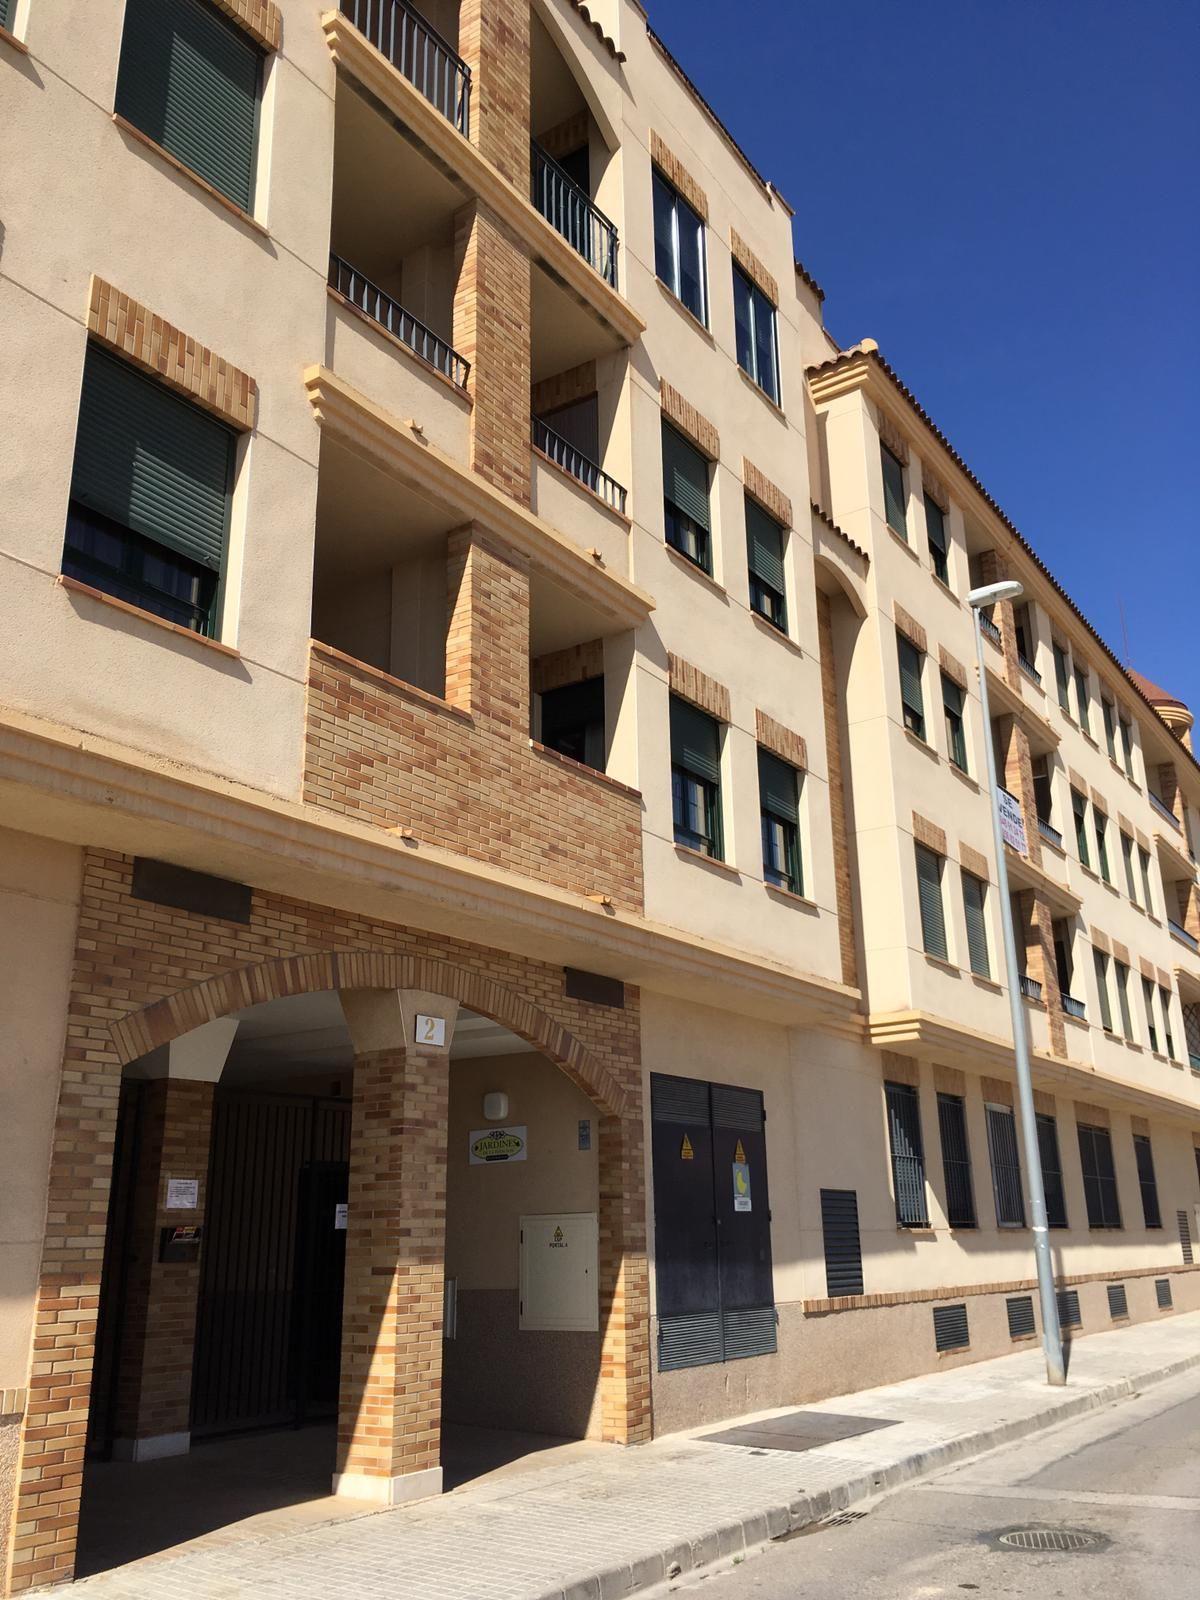 Piso en venta en Tomelloso, Ciudad Real, Calle Cencibel, 67.000 €, 2 habitaciones, 2 baños, 78 m2